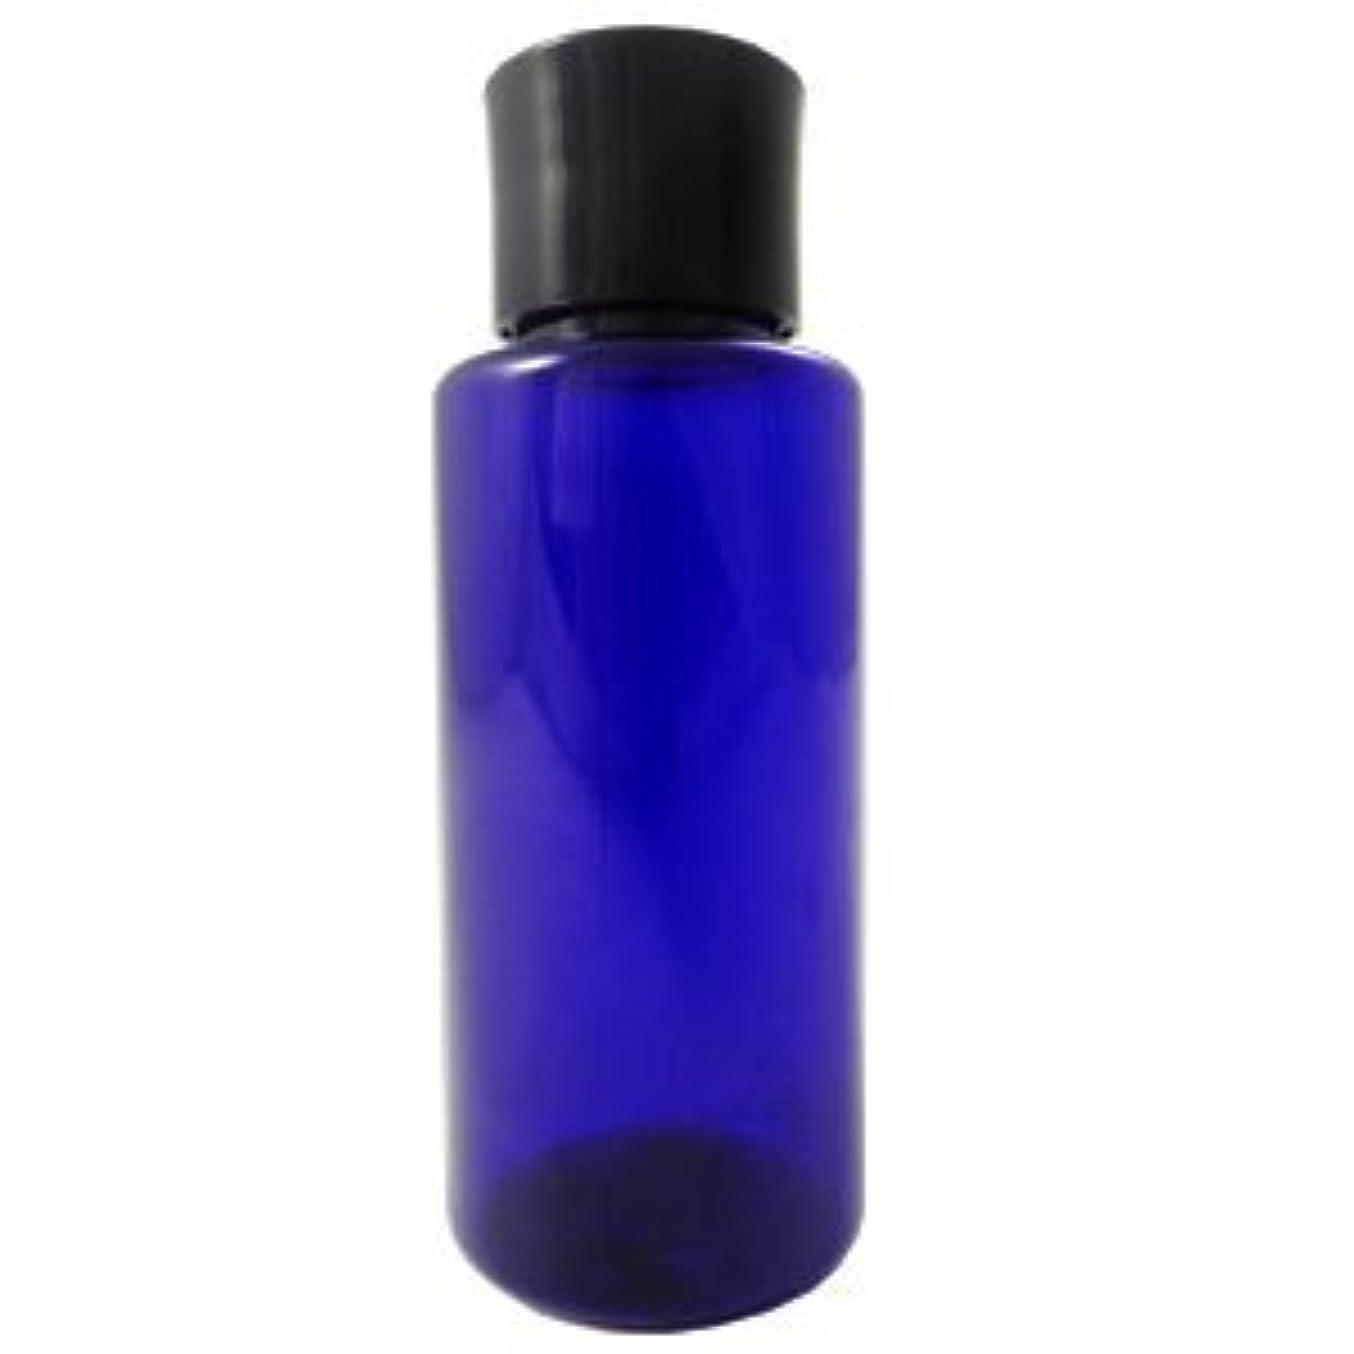 ロマンチック自然禁止PETボトル コバルトブルー (青) 50ml *化粧水用中栓